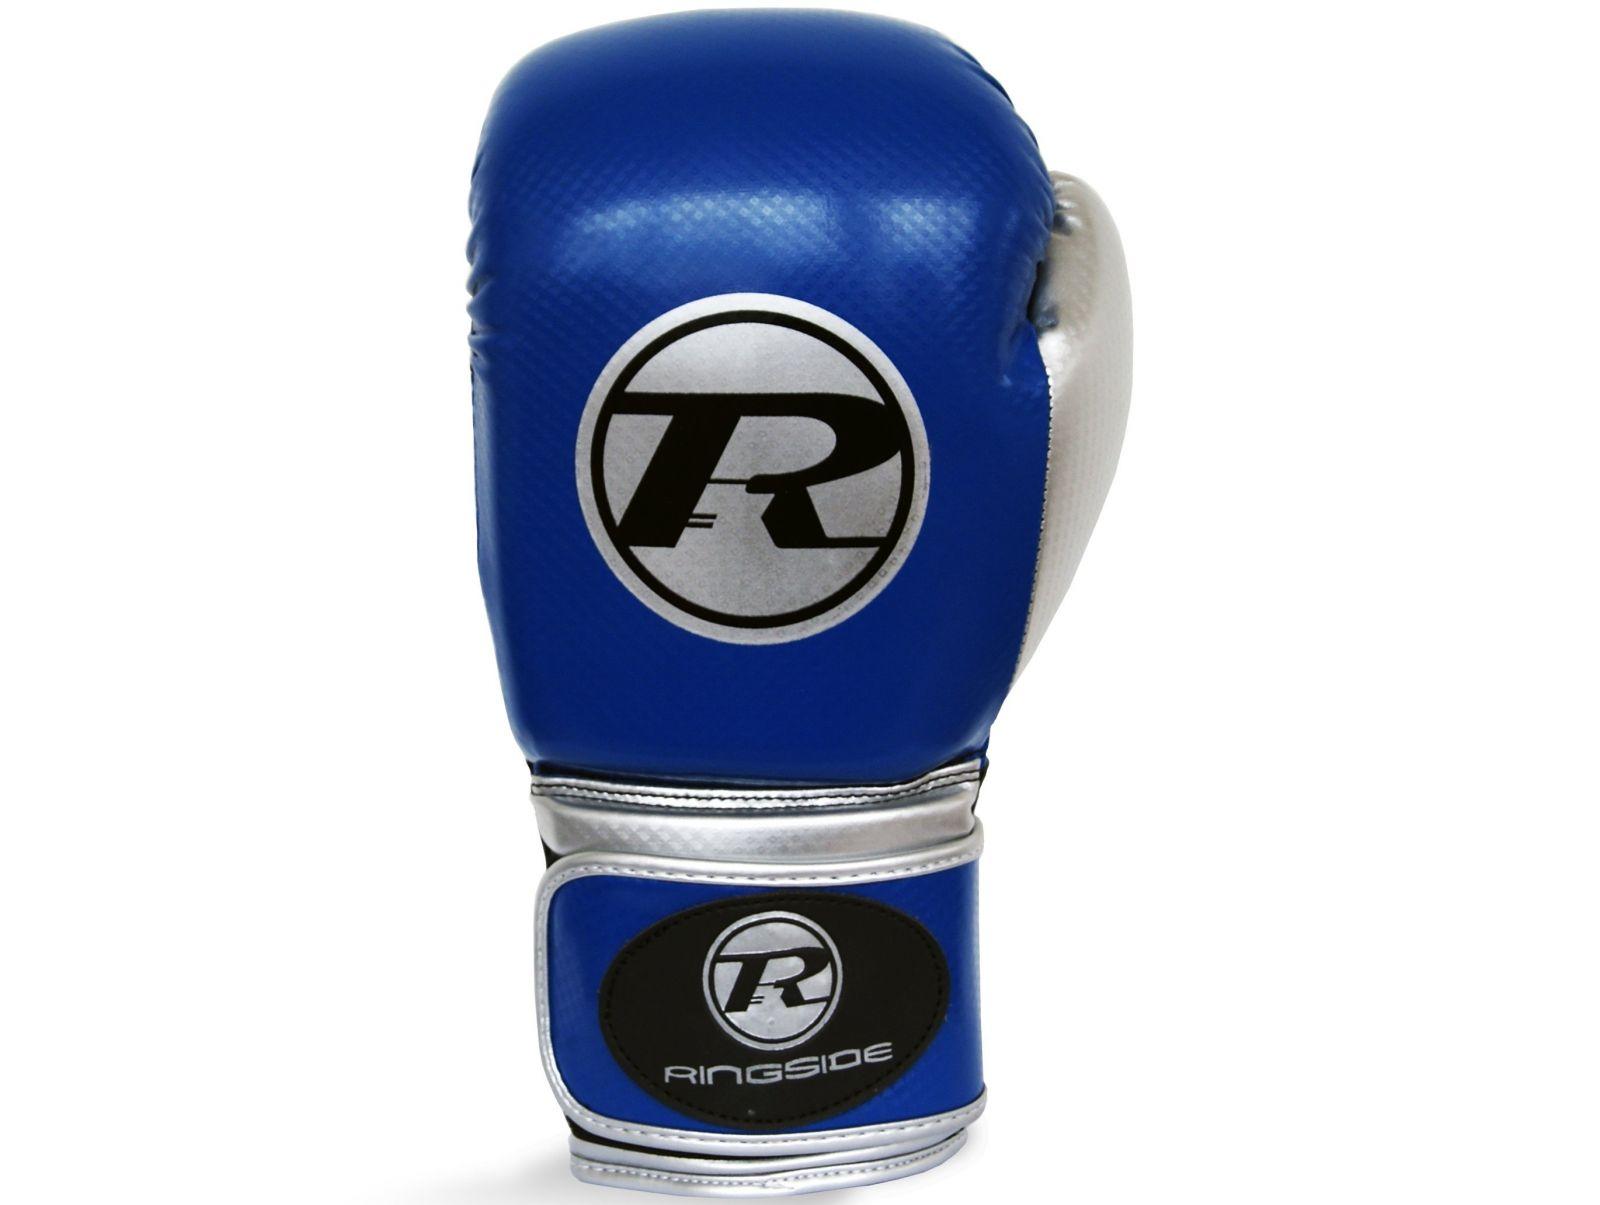 RINGSIDE Boxerské rukavice Pro Fitness (16oz) - navy/černá/stříbrná